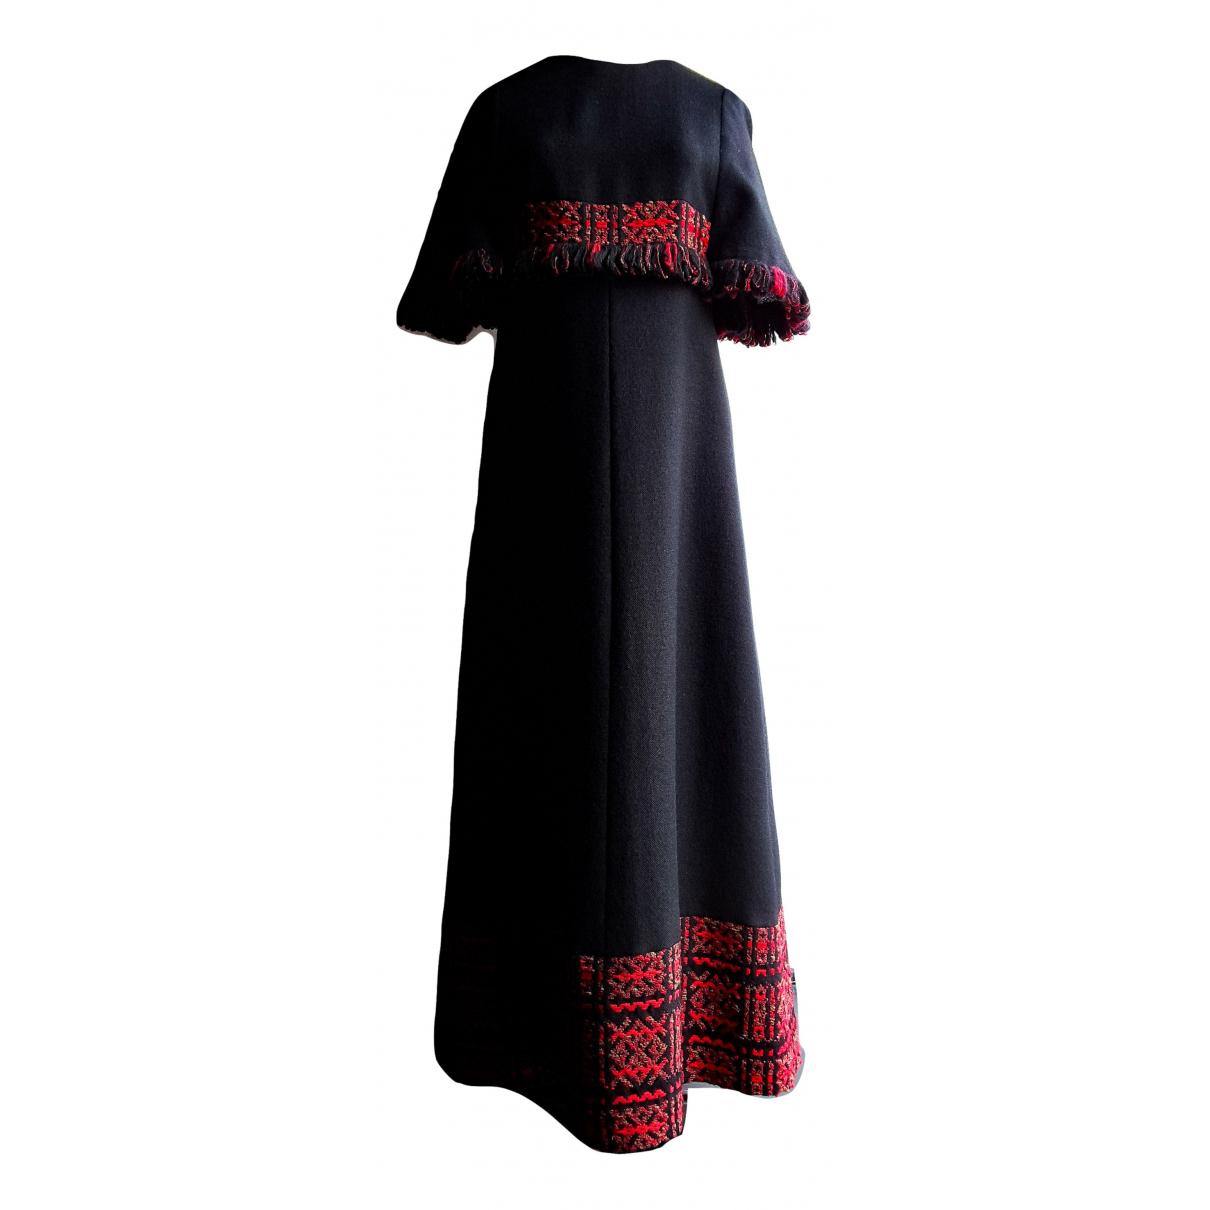 Maxi vestido Hippie Chic de Lana Non Signe / Unsigned